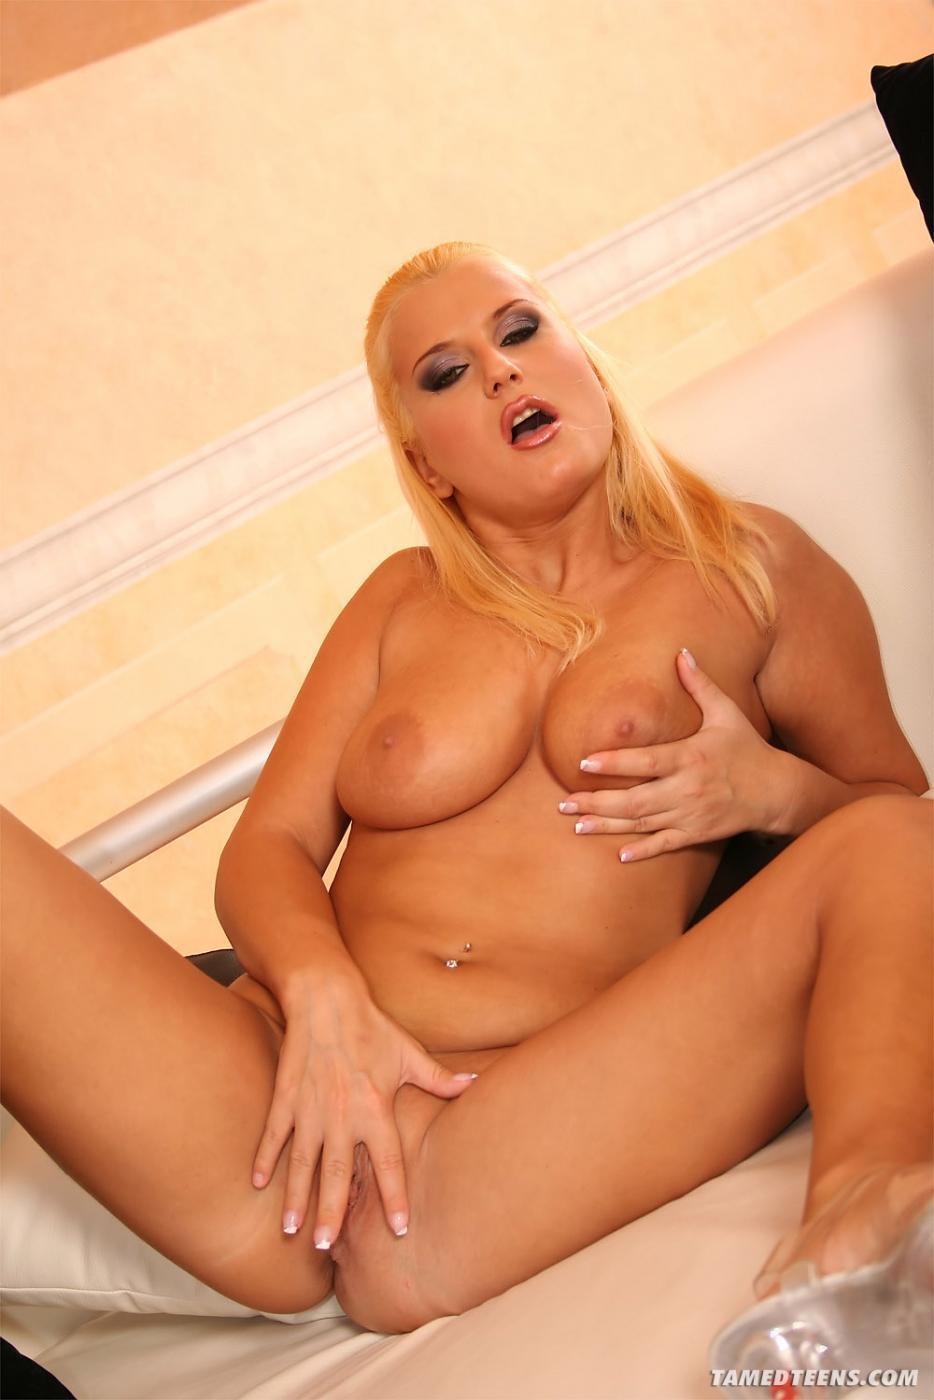 Похотливые жеребцы вдвоем трахают грудастую блондинку Myra Lyon с ярким макияжем